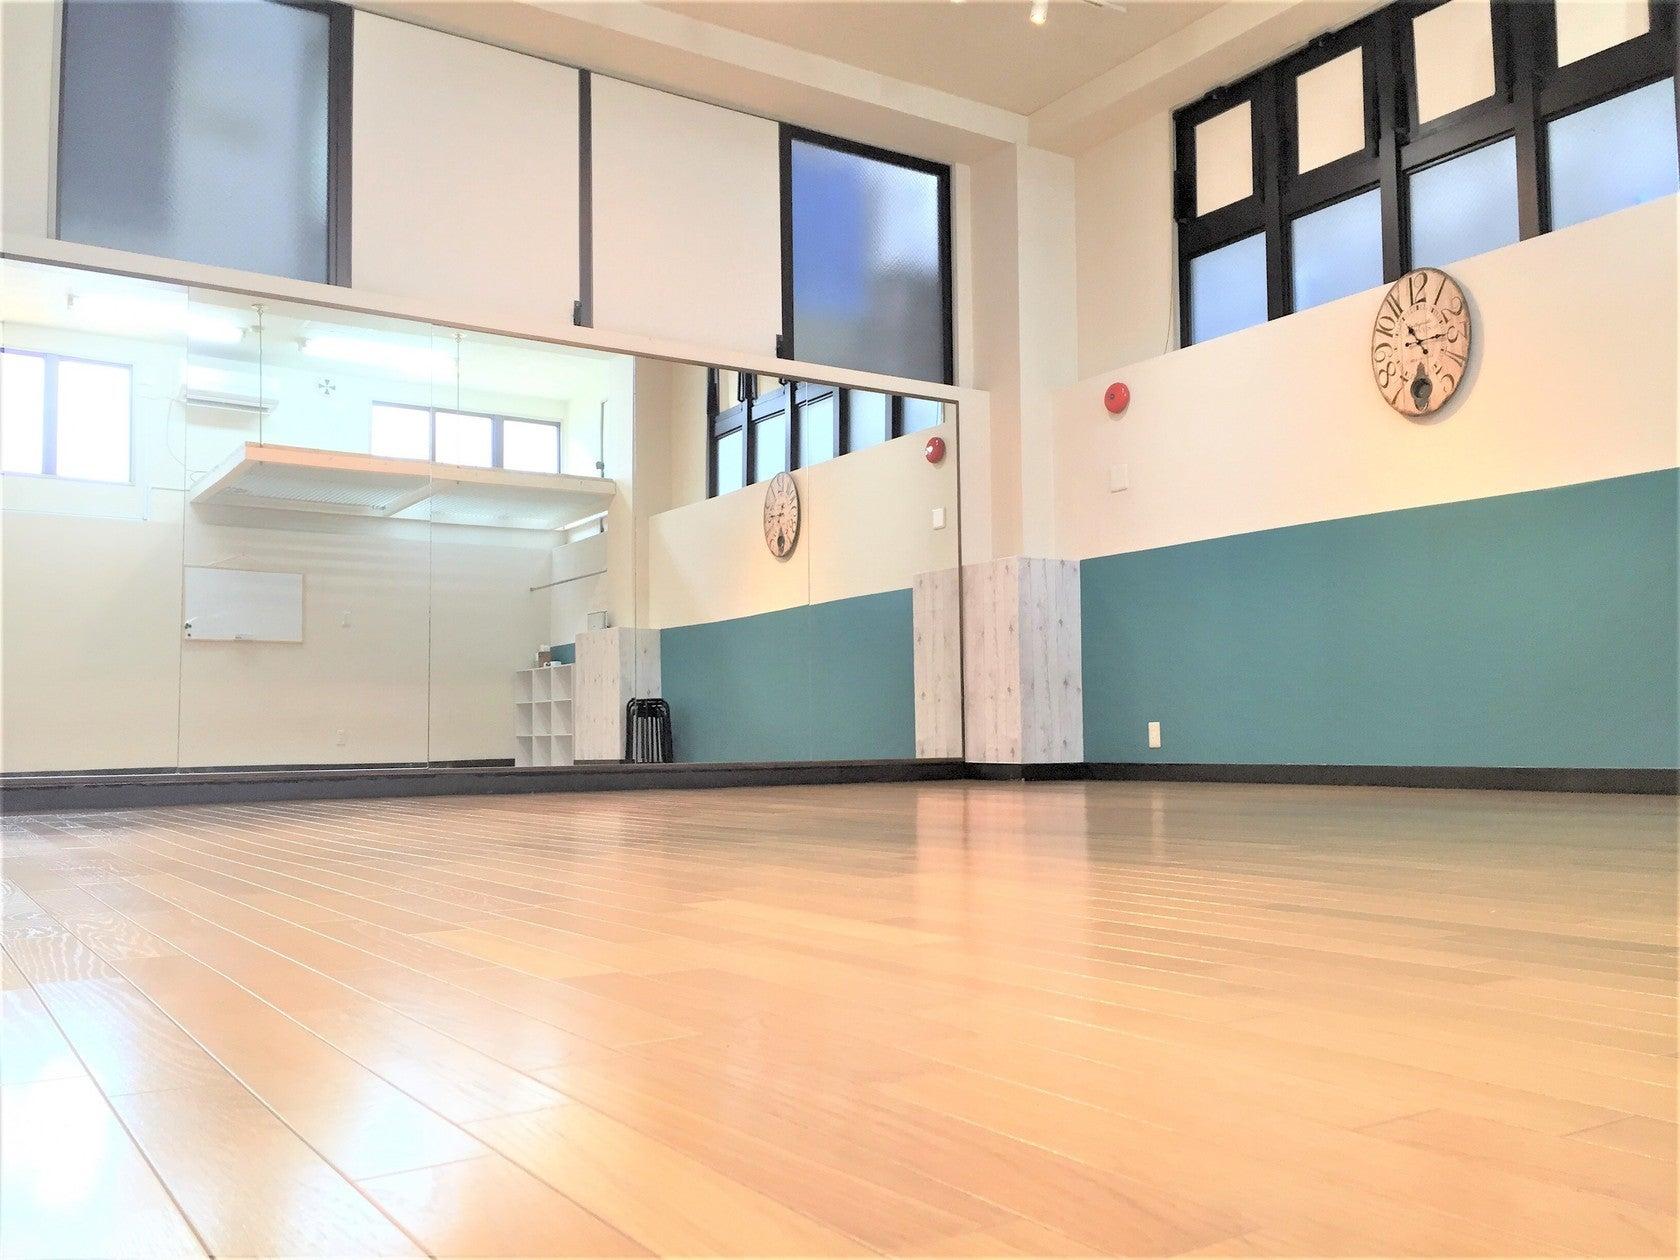 横浜・黄金町 OPEN特別価格でご案内♪1階・駅チカ!天井が高いダンススタジオ!広々とした綺麗なスペースです♪黄金町店 の写真